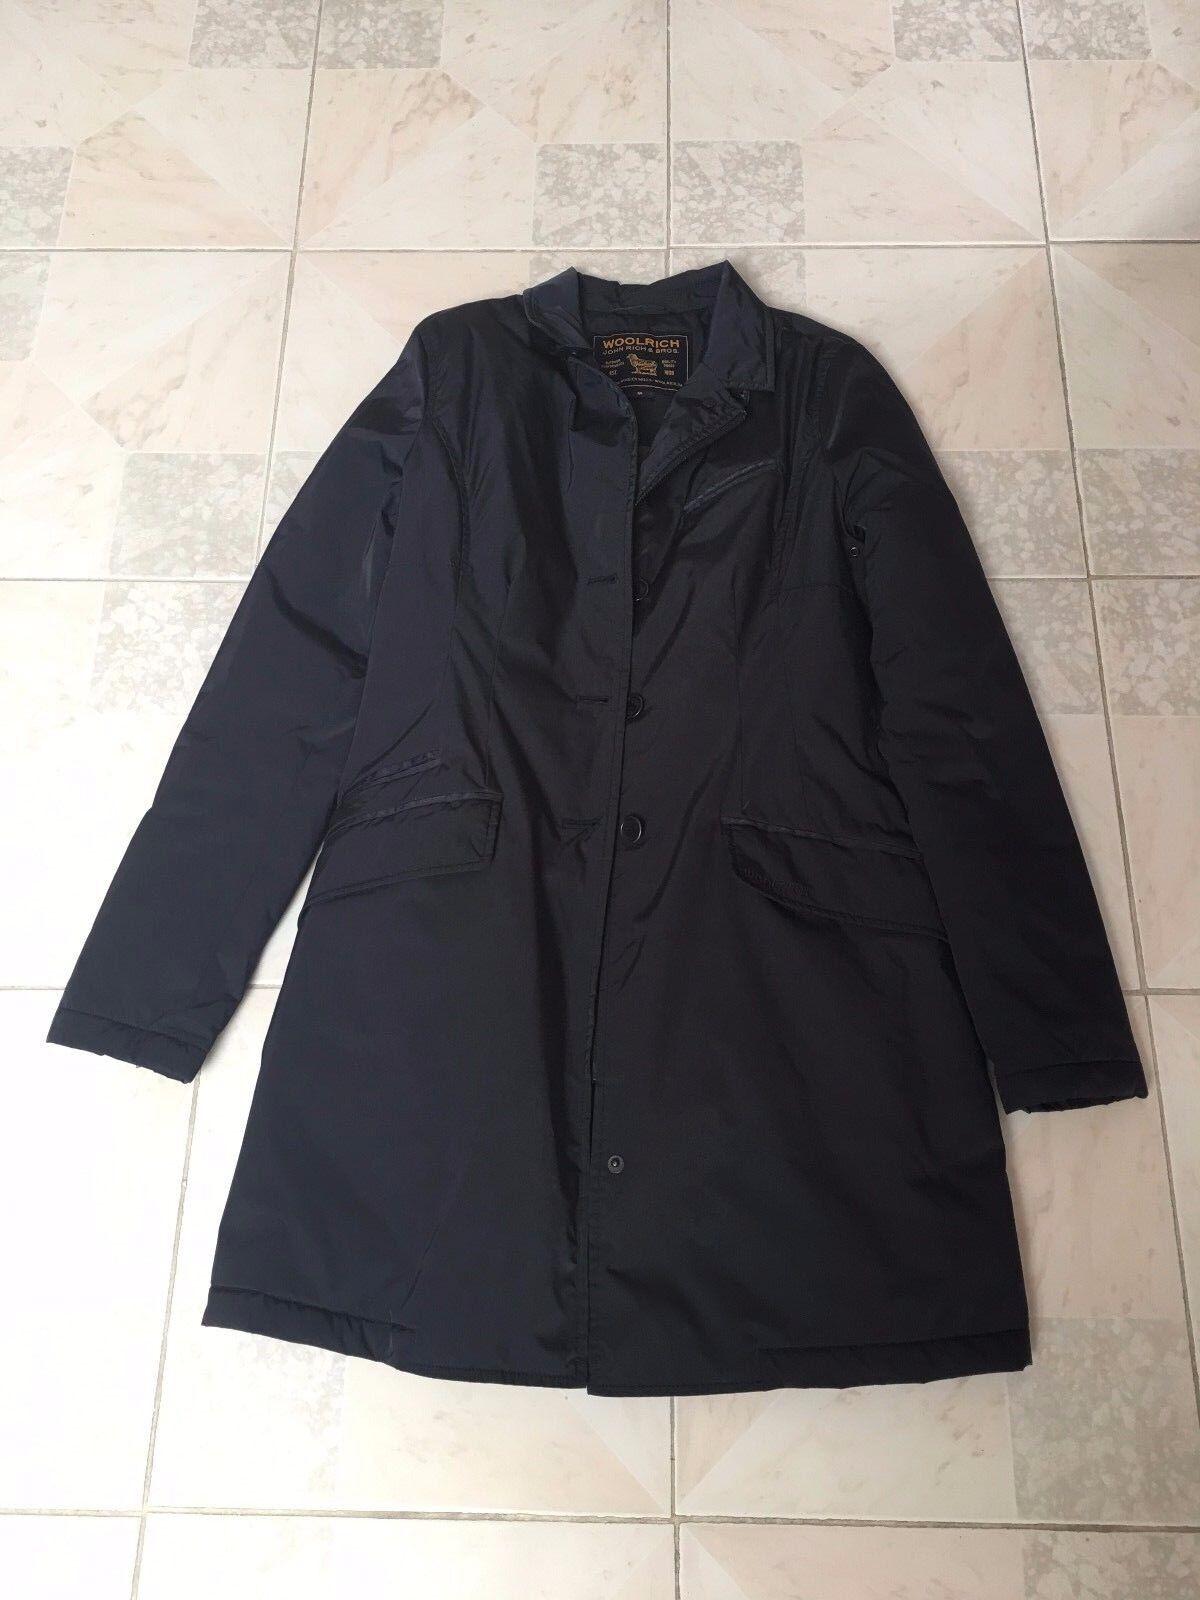 Bellissimo cappotto impermeabile Woolrich ORIGINALE da damen Blau taglia M